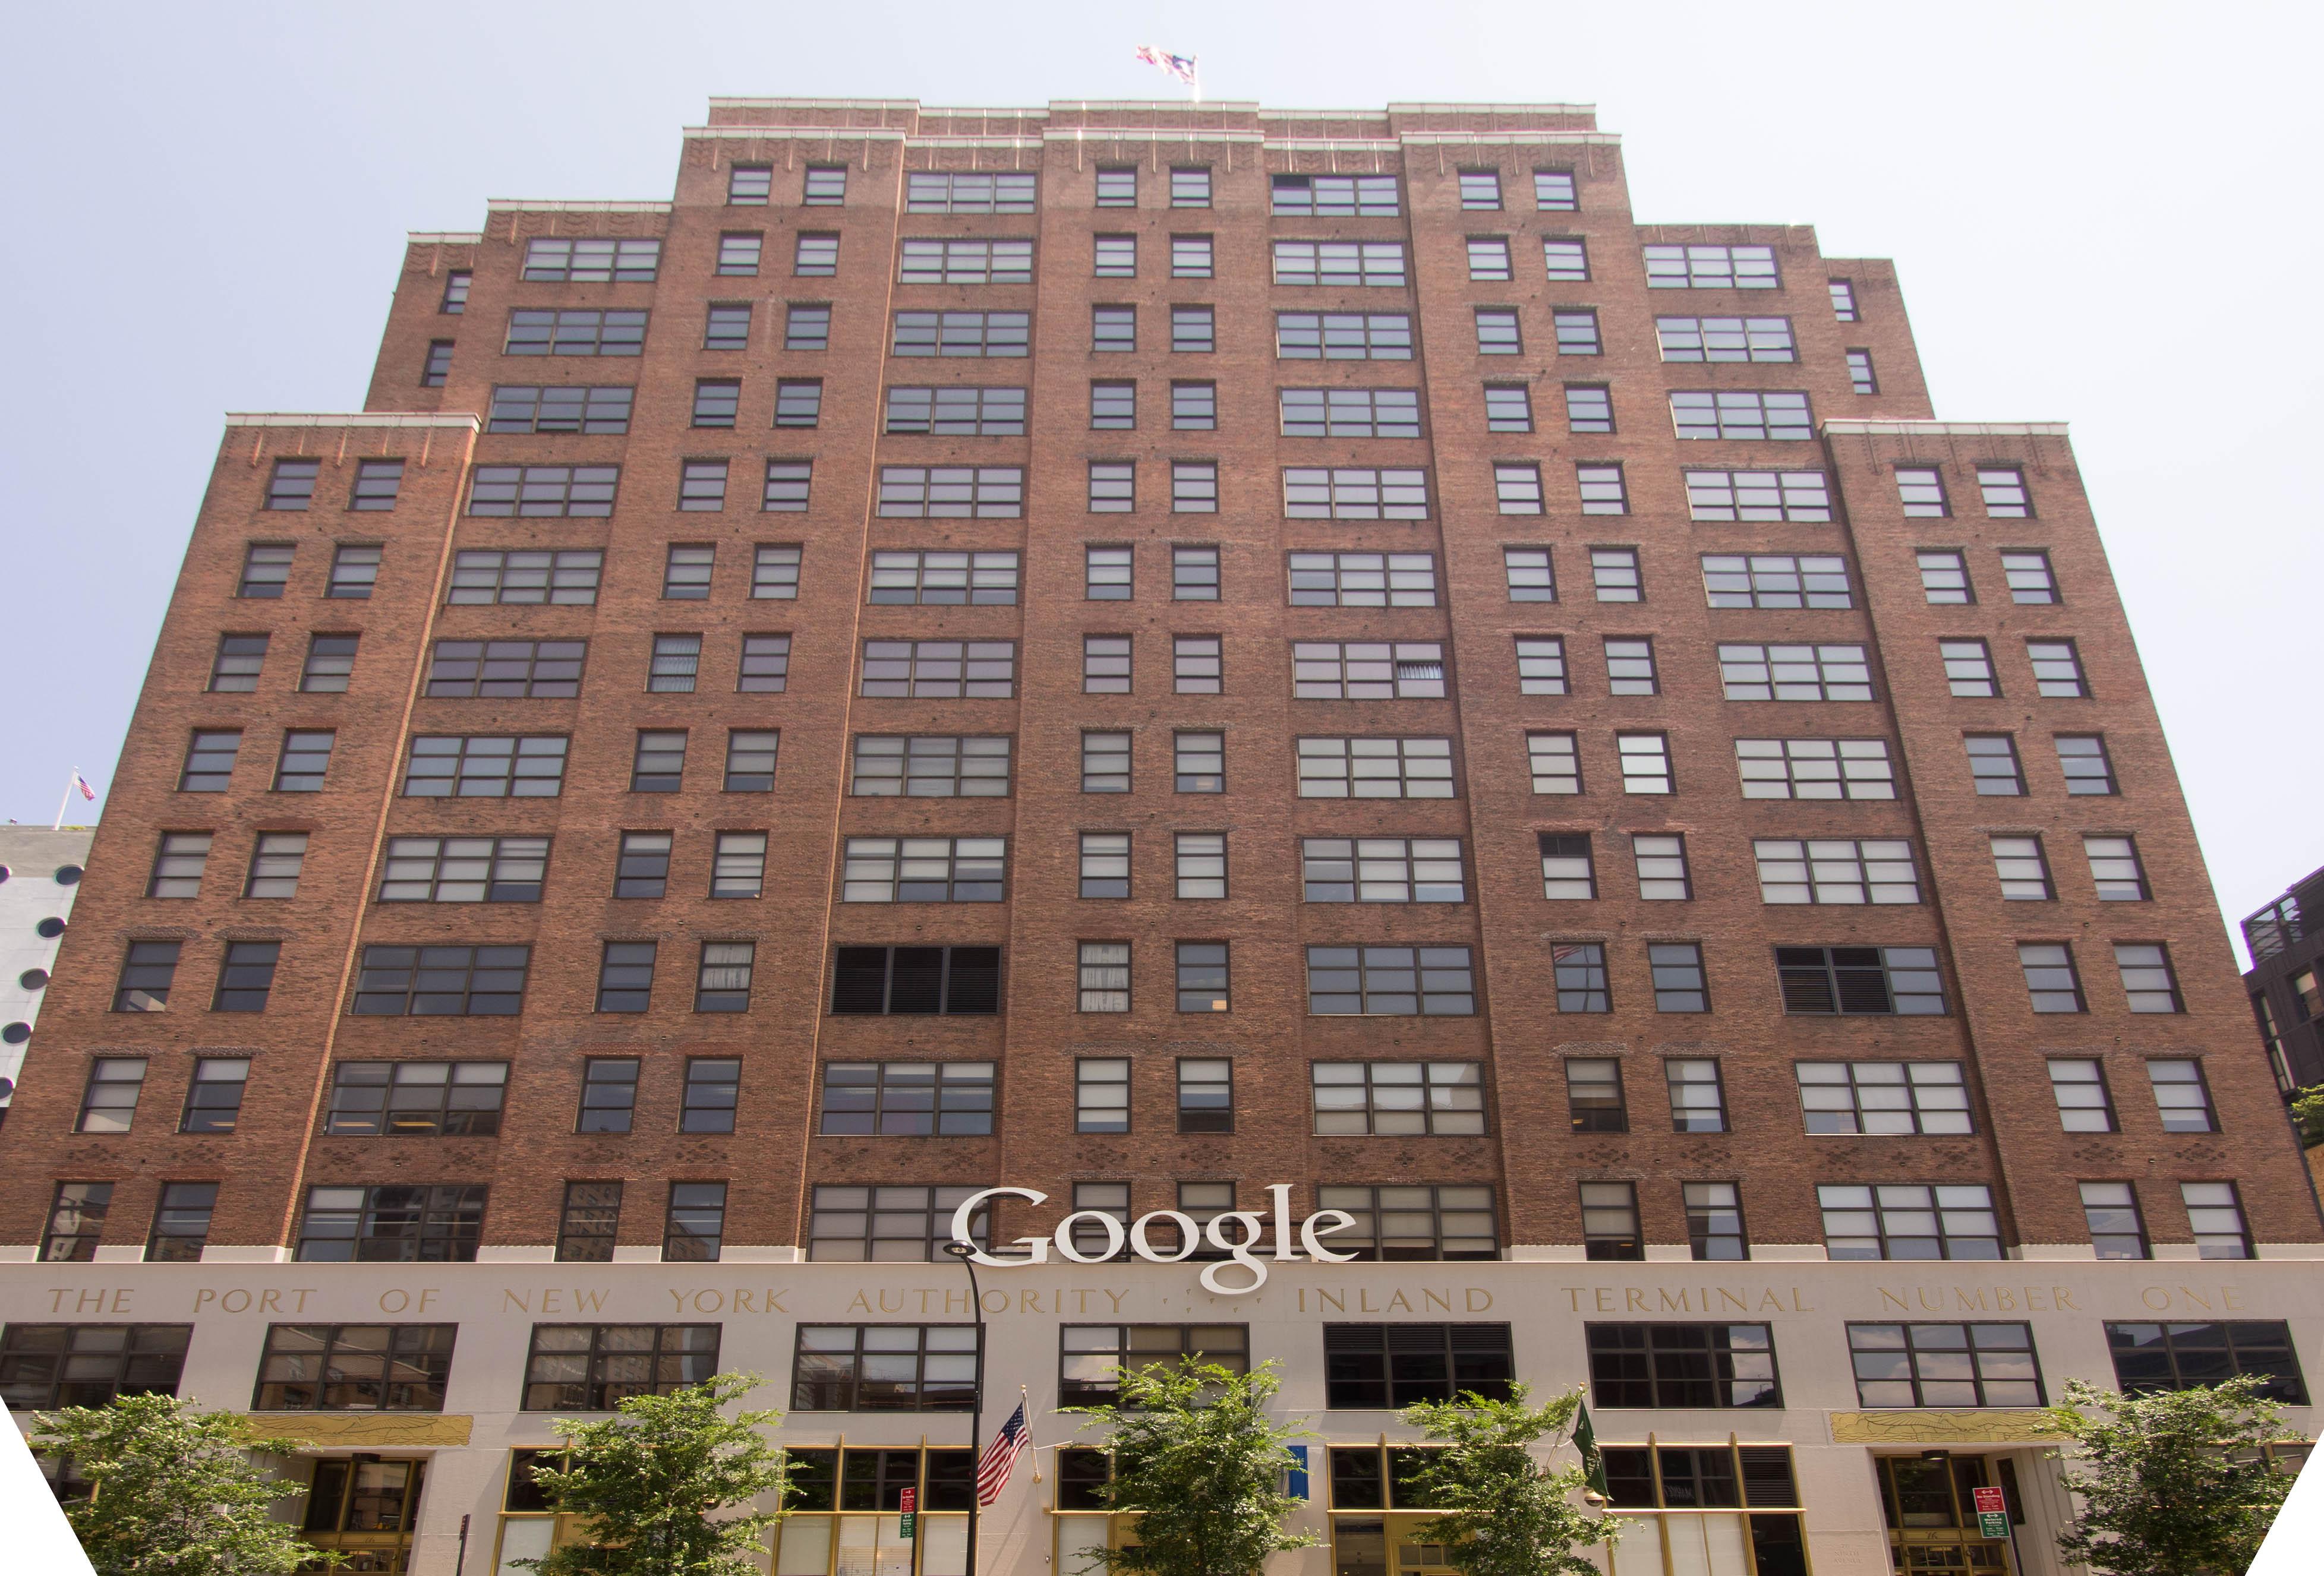 Google se instaló en el barrio en una antigua fábrica del número 111 de la Octava Avenida / Wikimedia commons